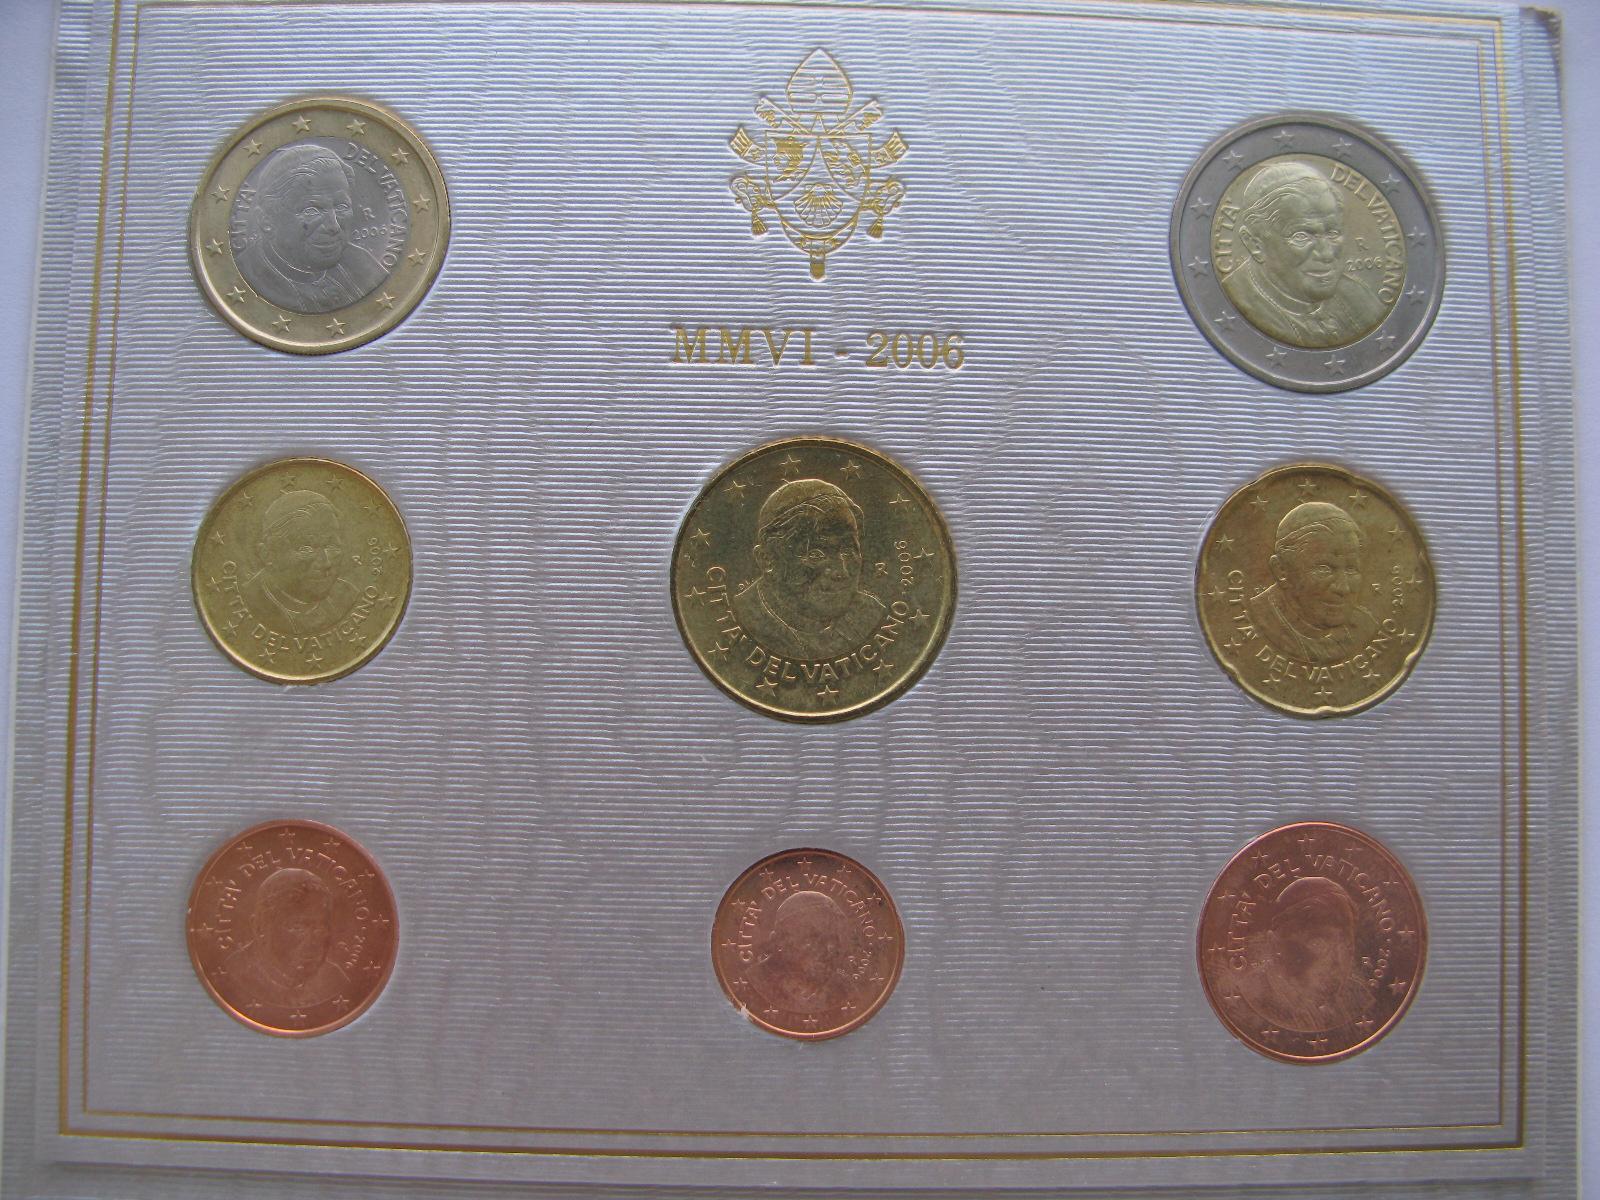 Ватикан официальный набор 2006 г.(Папа Бенедикт VXI )